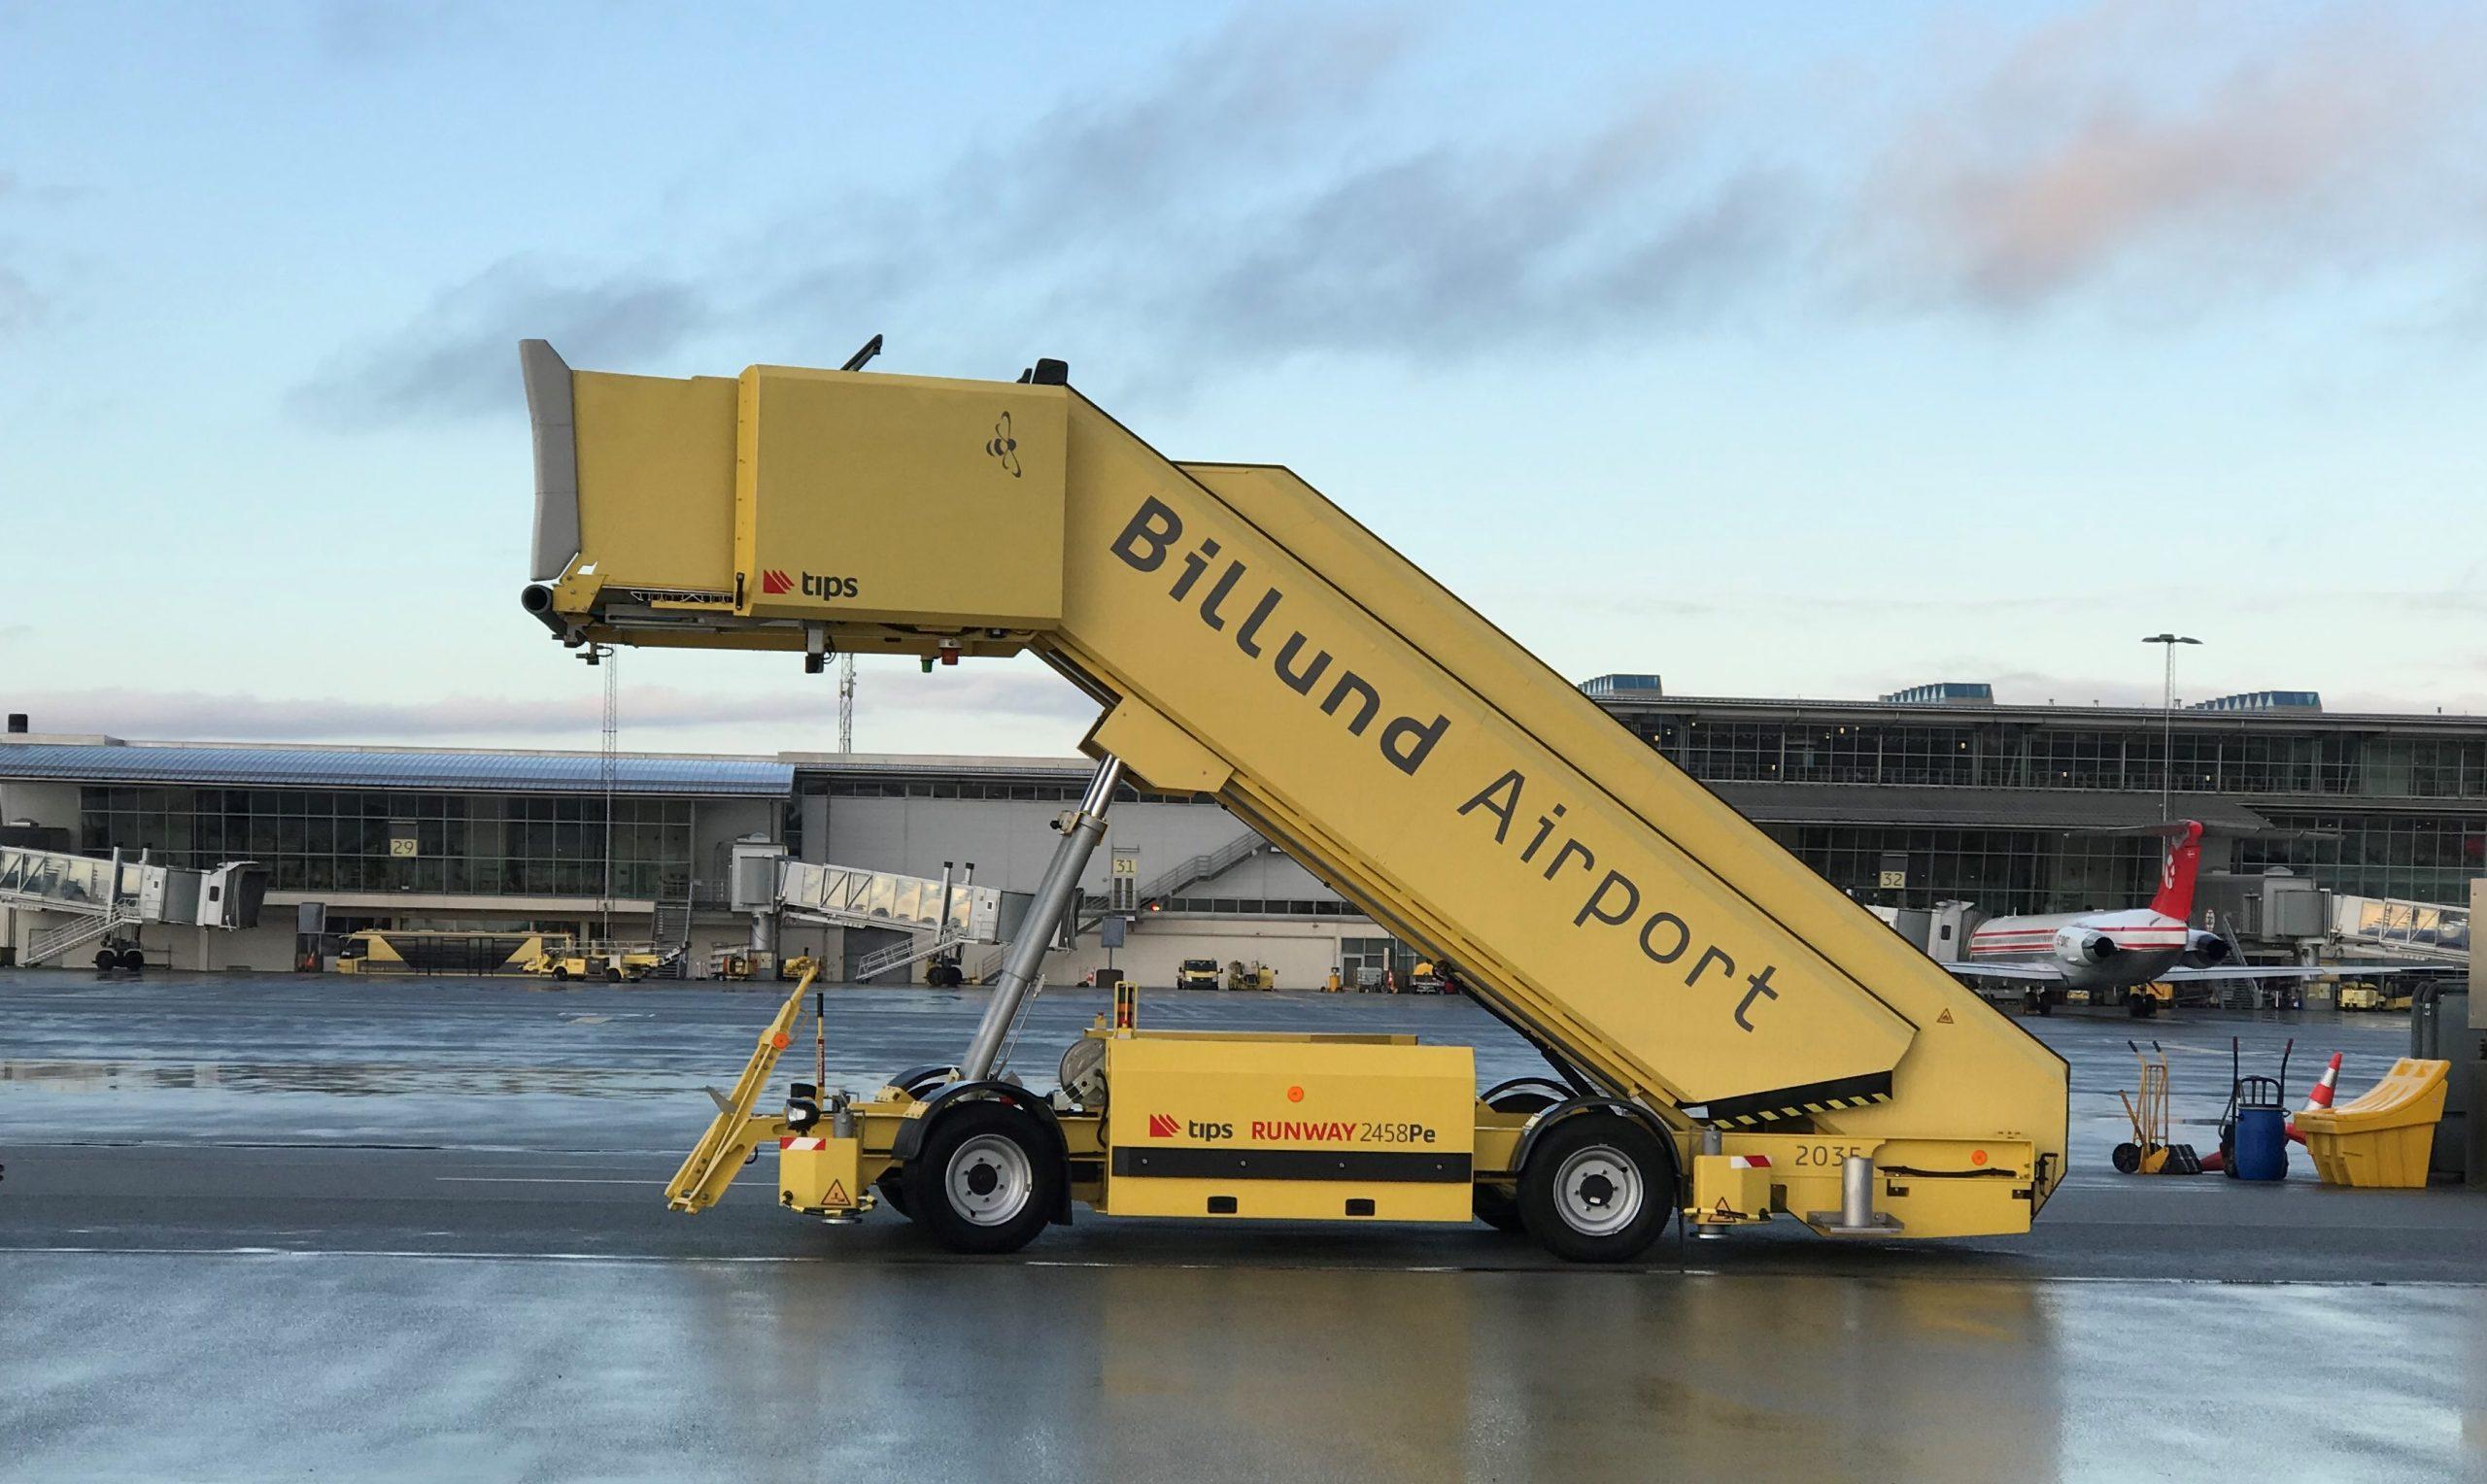 Billund Lufthavn. (Foto: Ole Kirchert Christensen)